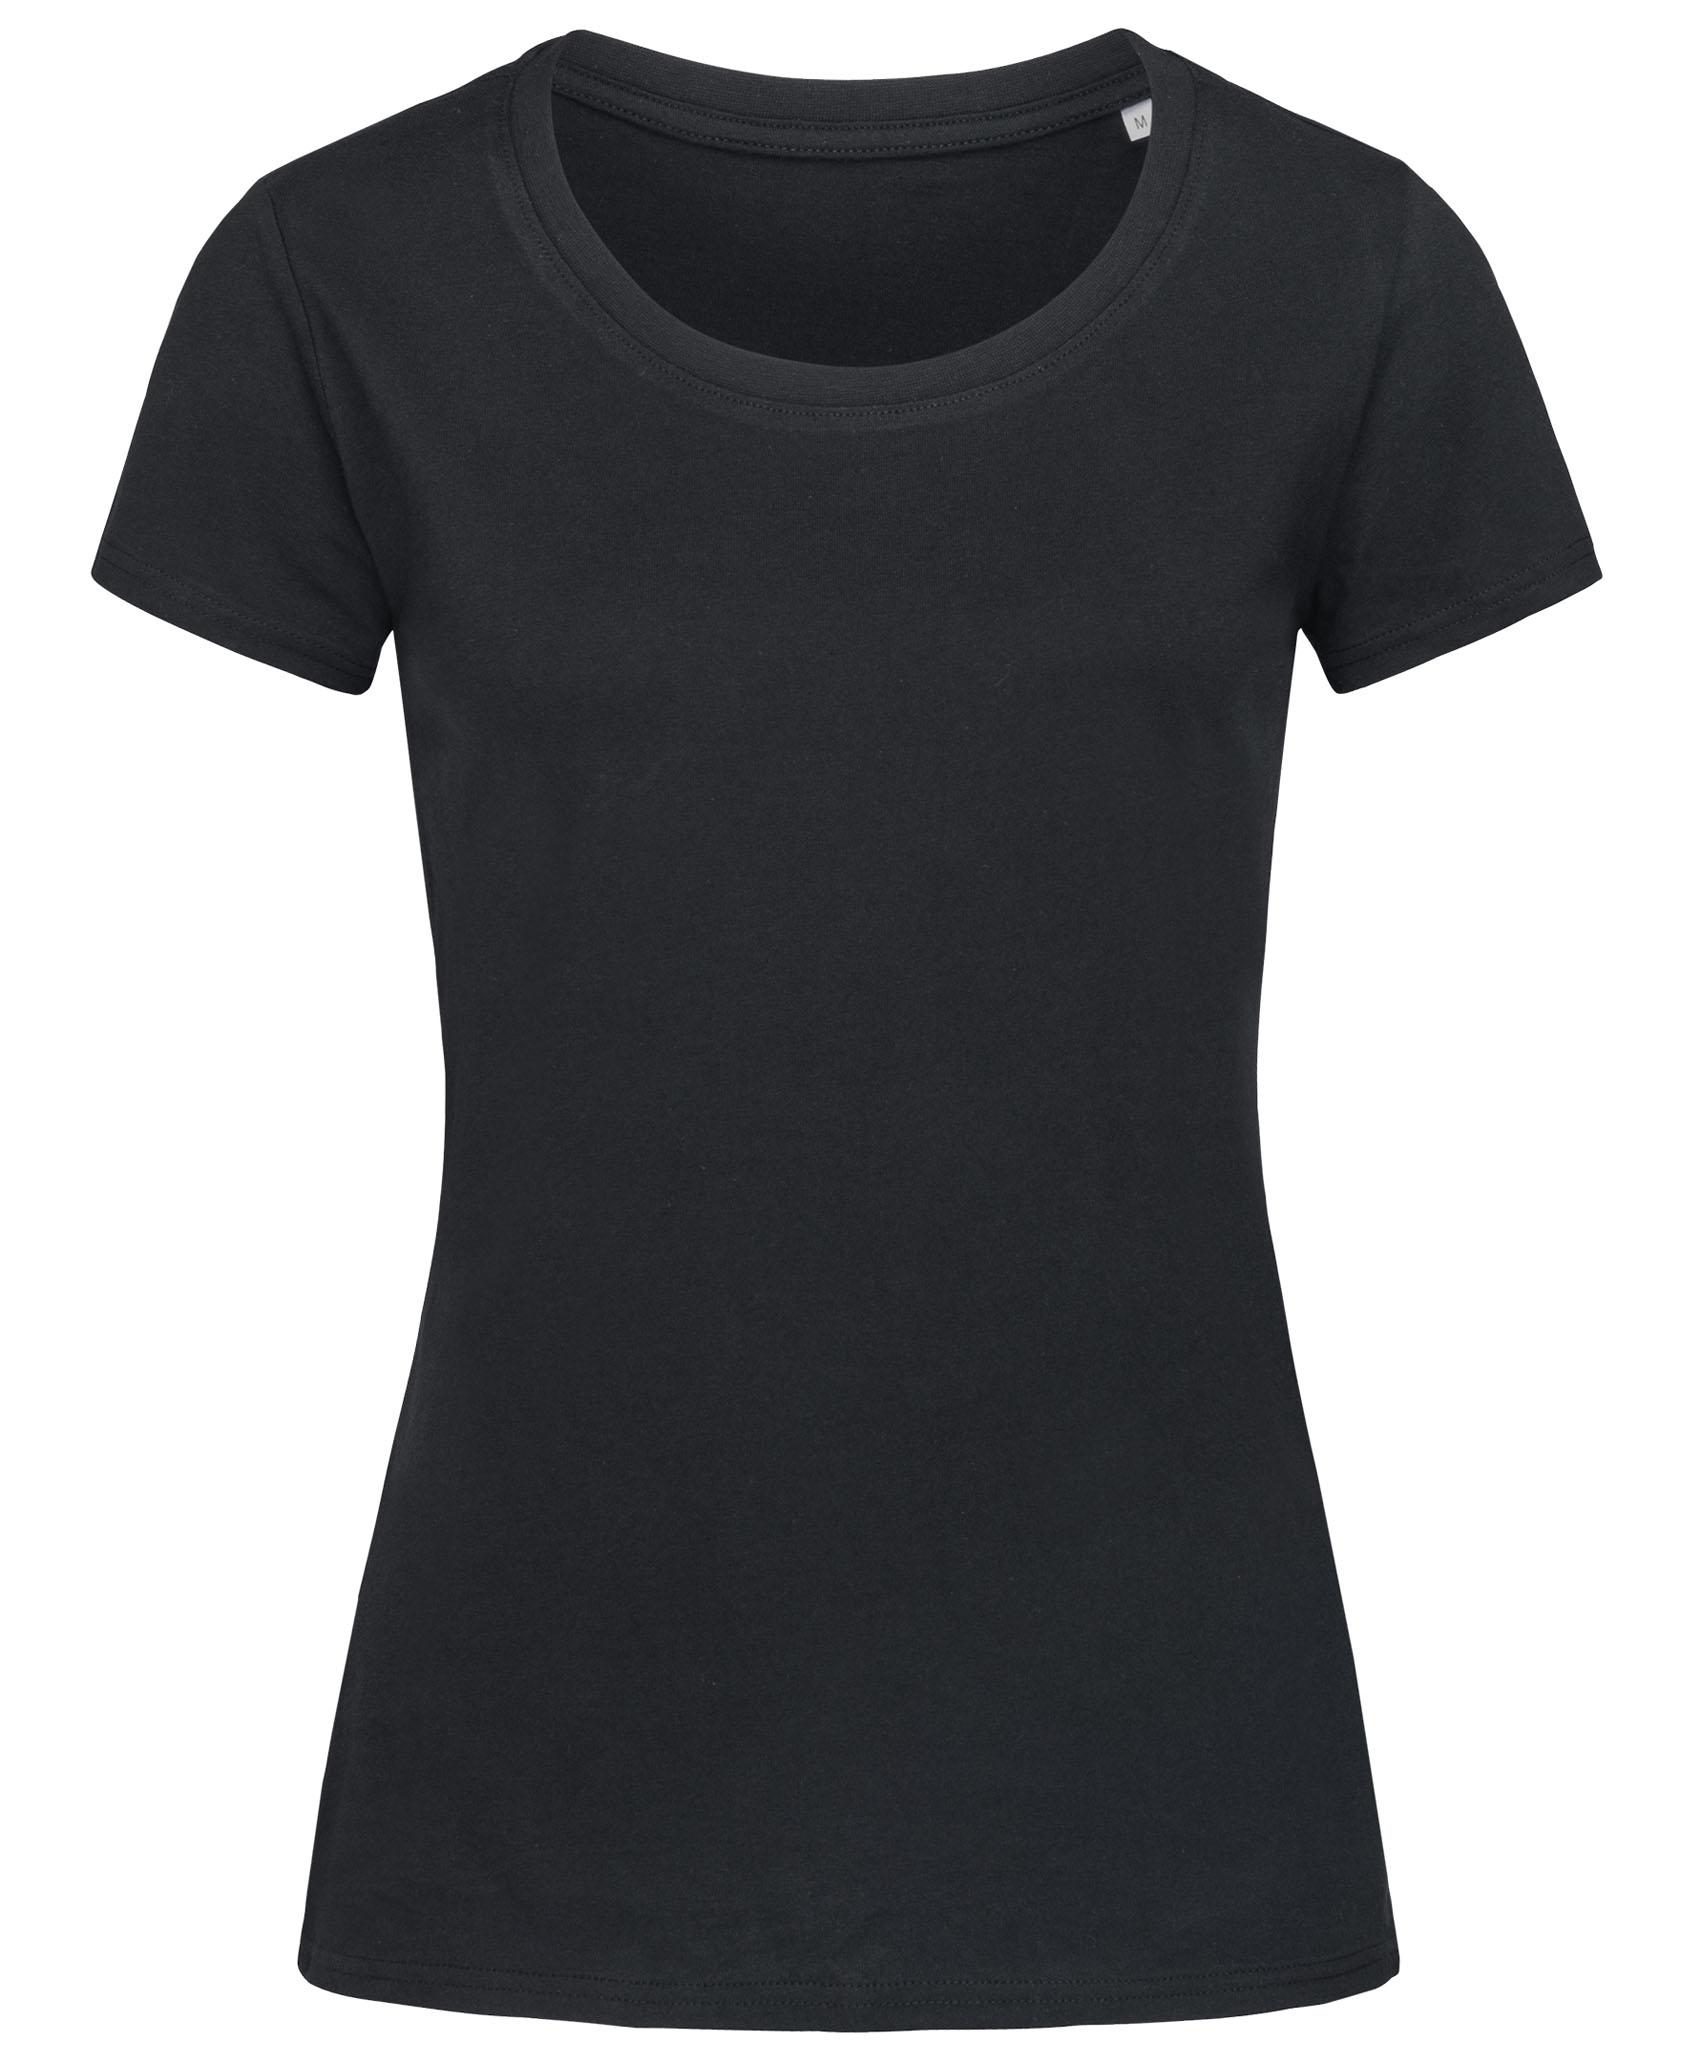 Stedman T-shirt Crewneck Janet for her